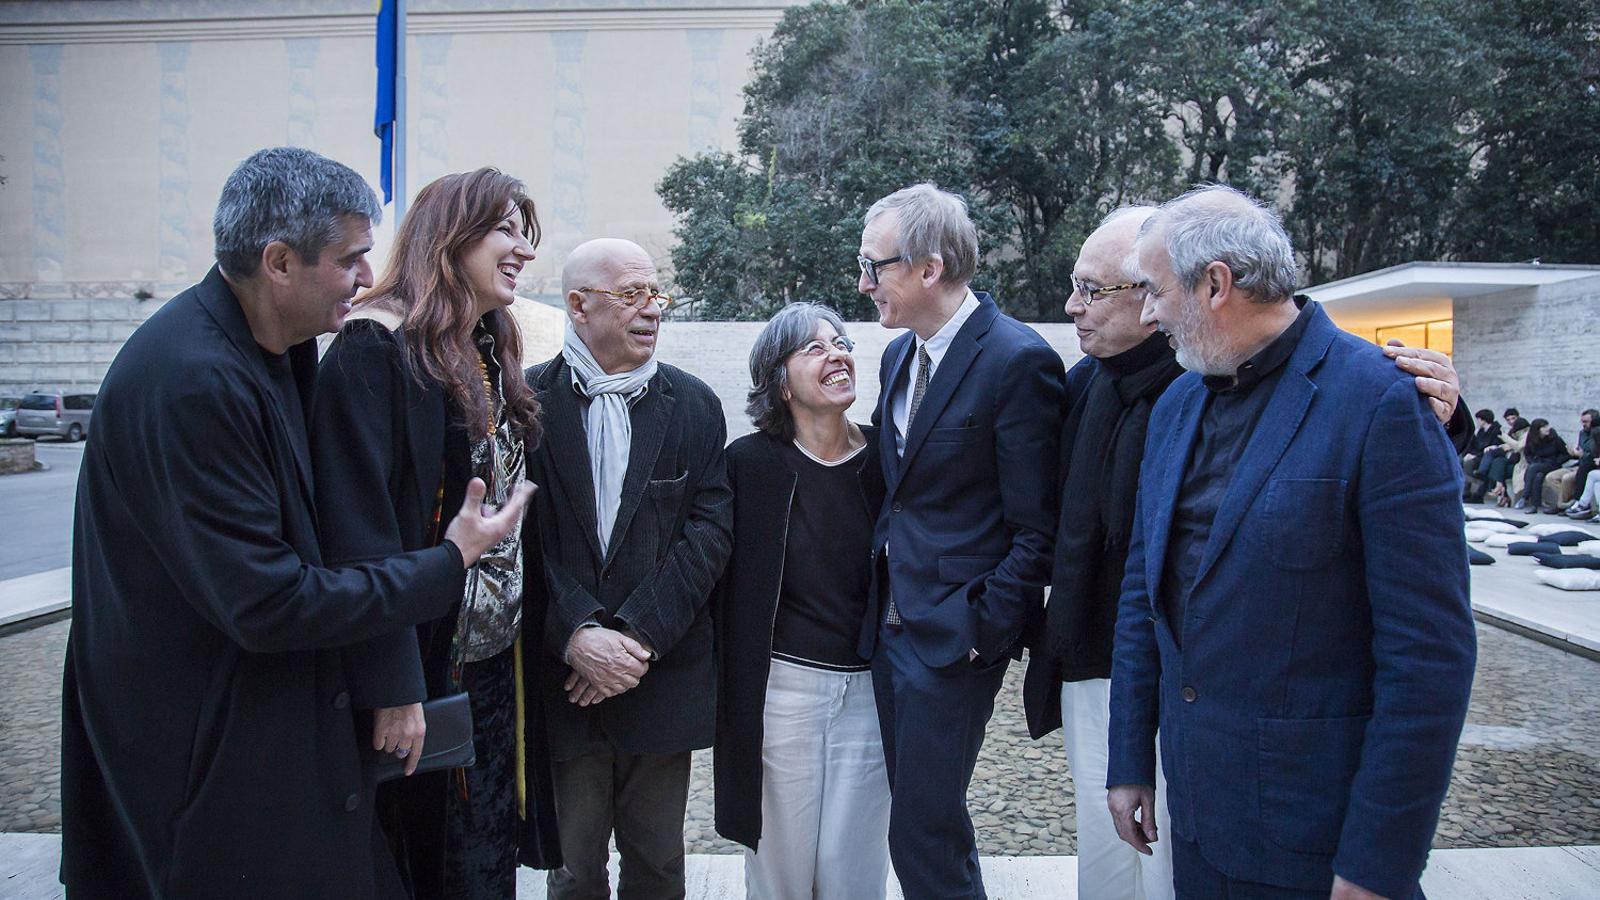 D'esquerra a dreta: Rafael Aranda, Benedetta Tagliabue, Eduard Bru, Carme Pigem, Paul Dujardin, Esteve Bonell i Ramon Vilalta abans de començar l'homenatge al pavelló Mies van der Rohe.